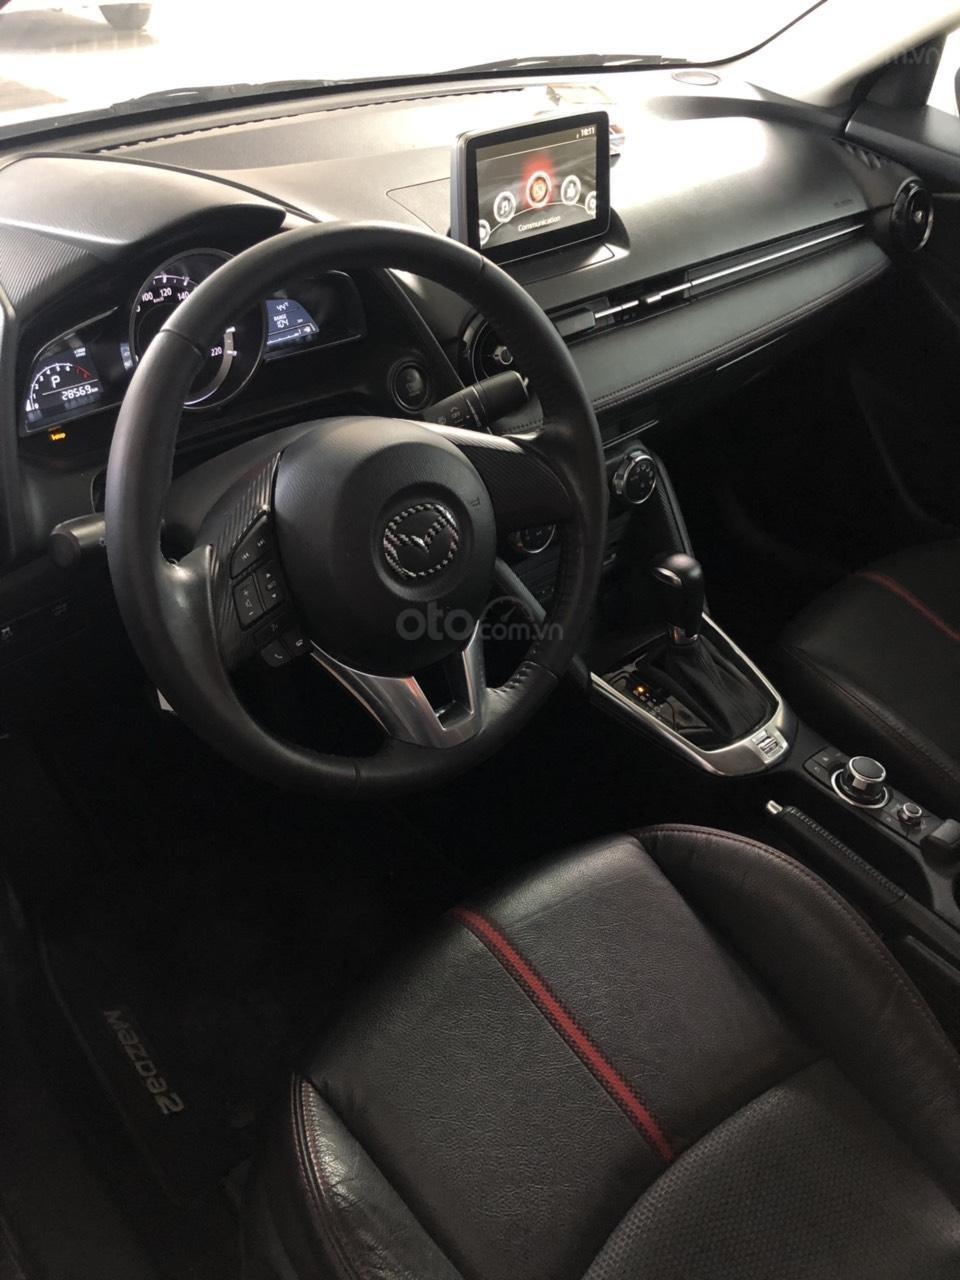 Bán Mazda 2 sản xuất năm 2017, màu trắng, số tự động, xe bao đẹp (12)